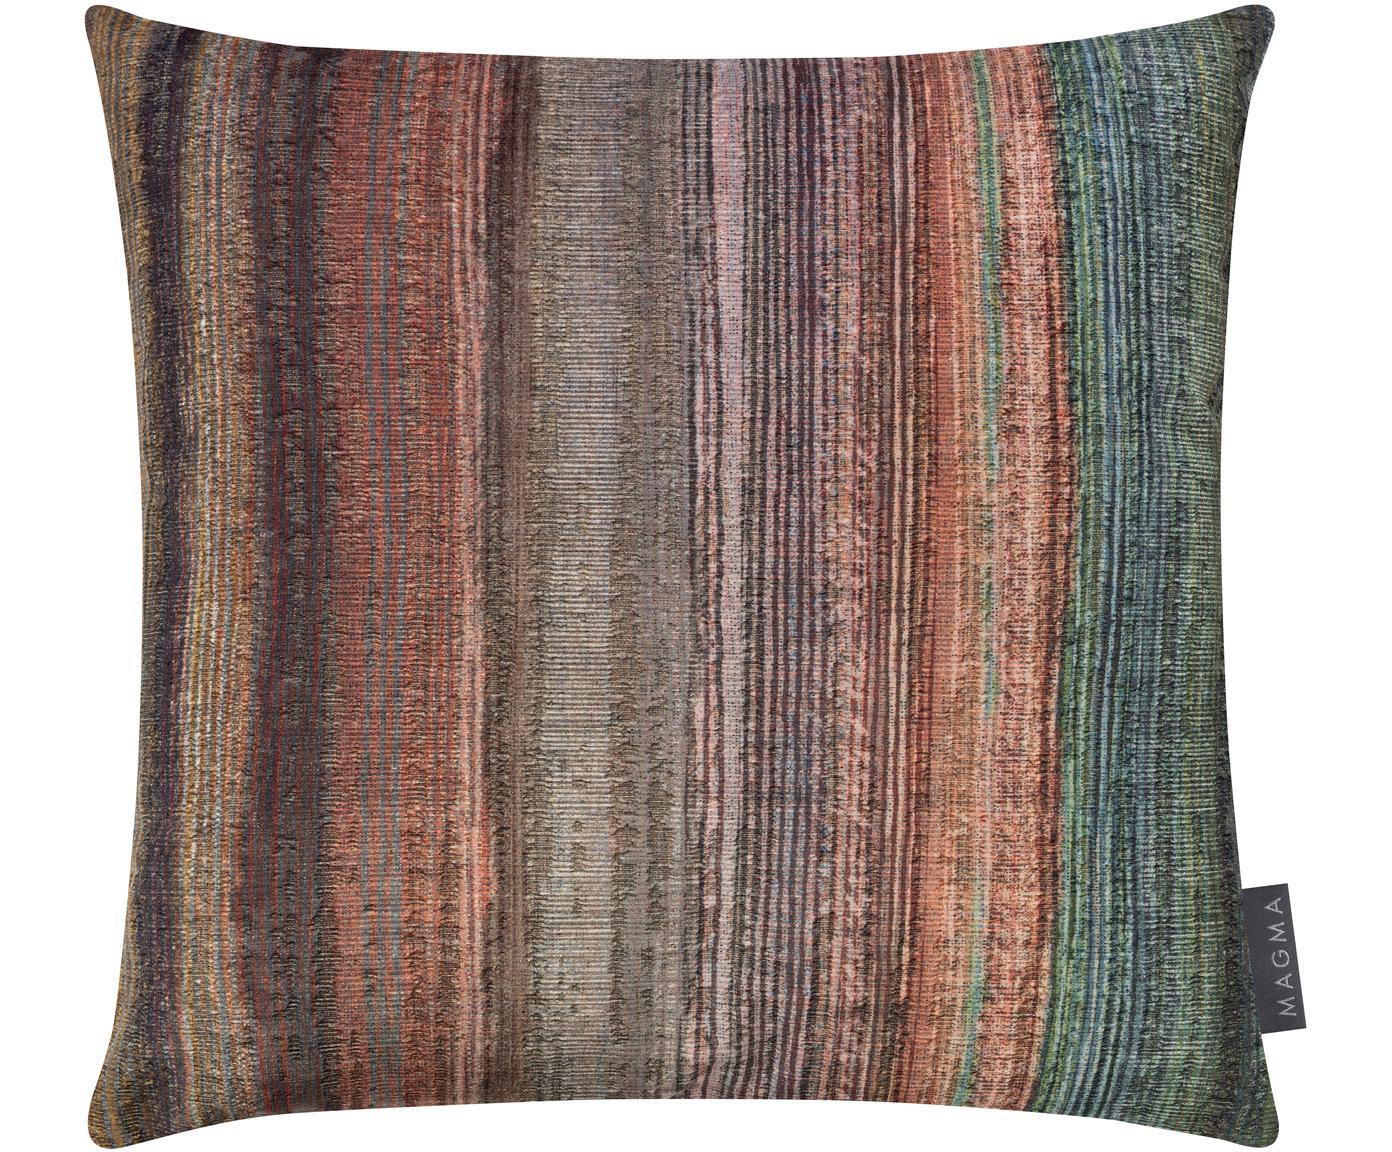 Federa arredo in velluto Timon, Velluto di poliestere, Multicolore, blu petrolio, Larg. 40 x Lung. 40 cm